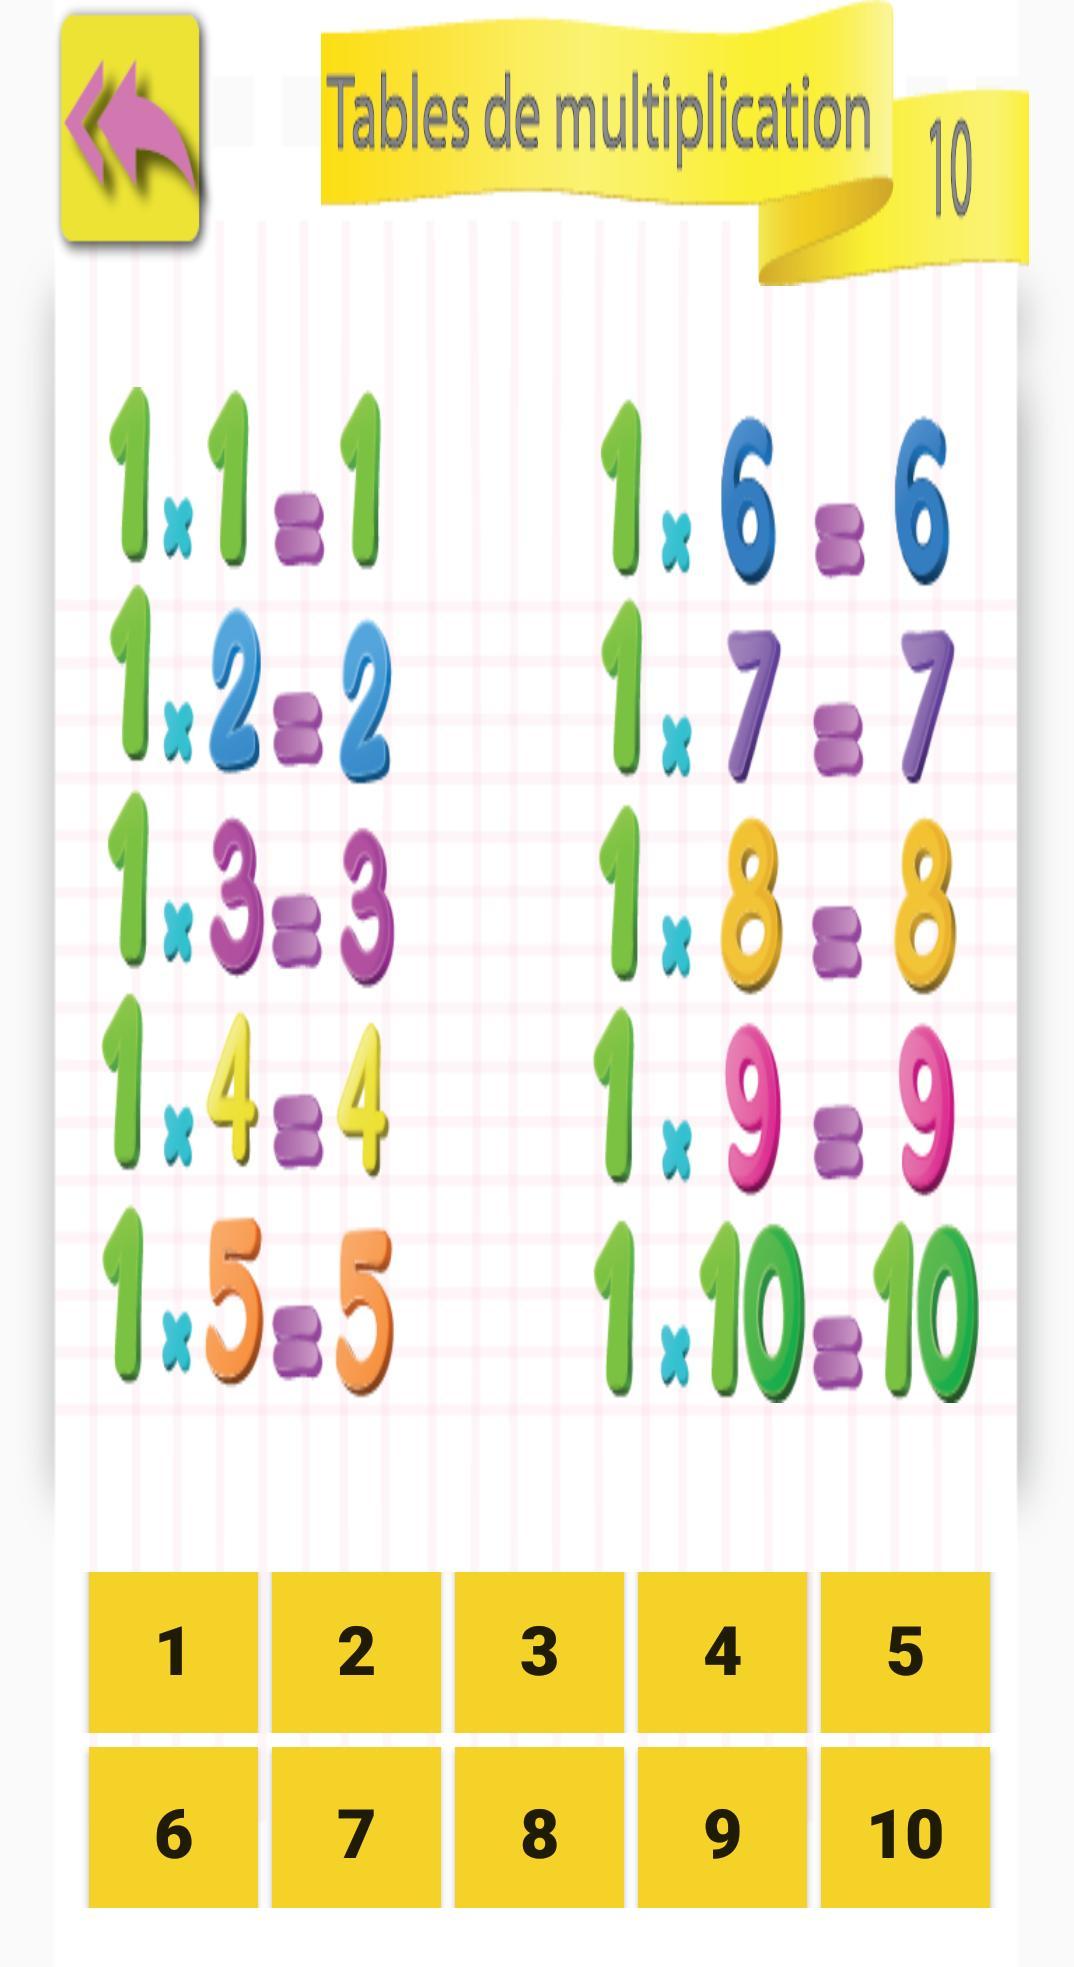 Jeux De Math For Android - Apk Download à Jeux De Matematique